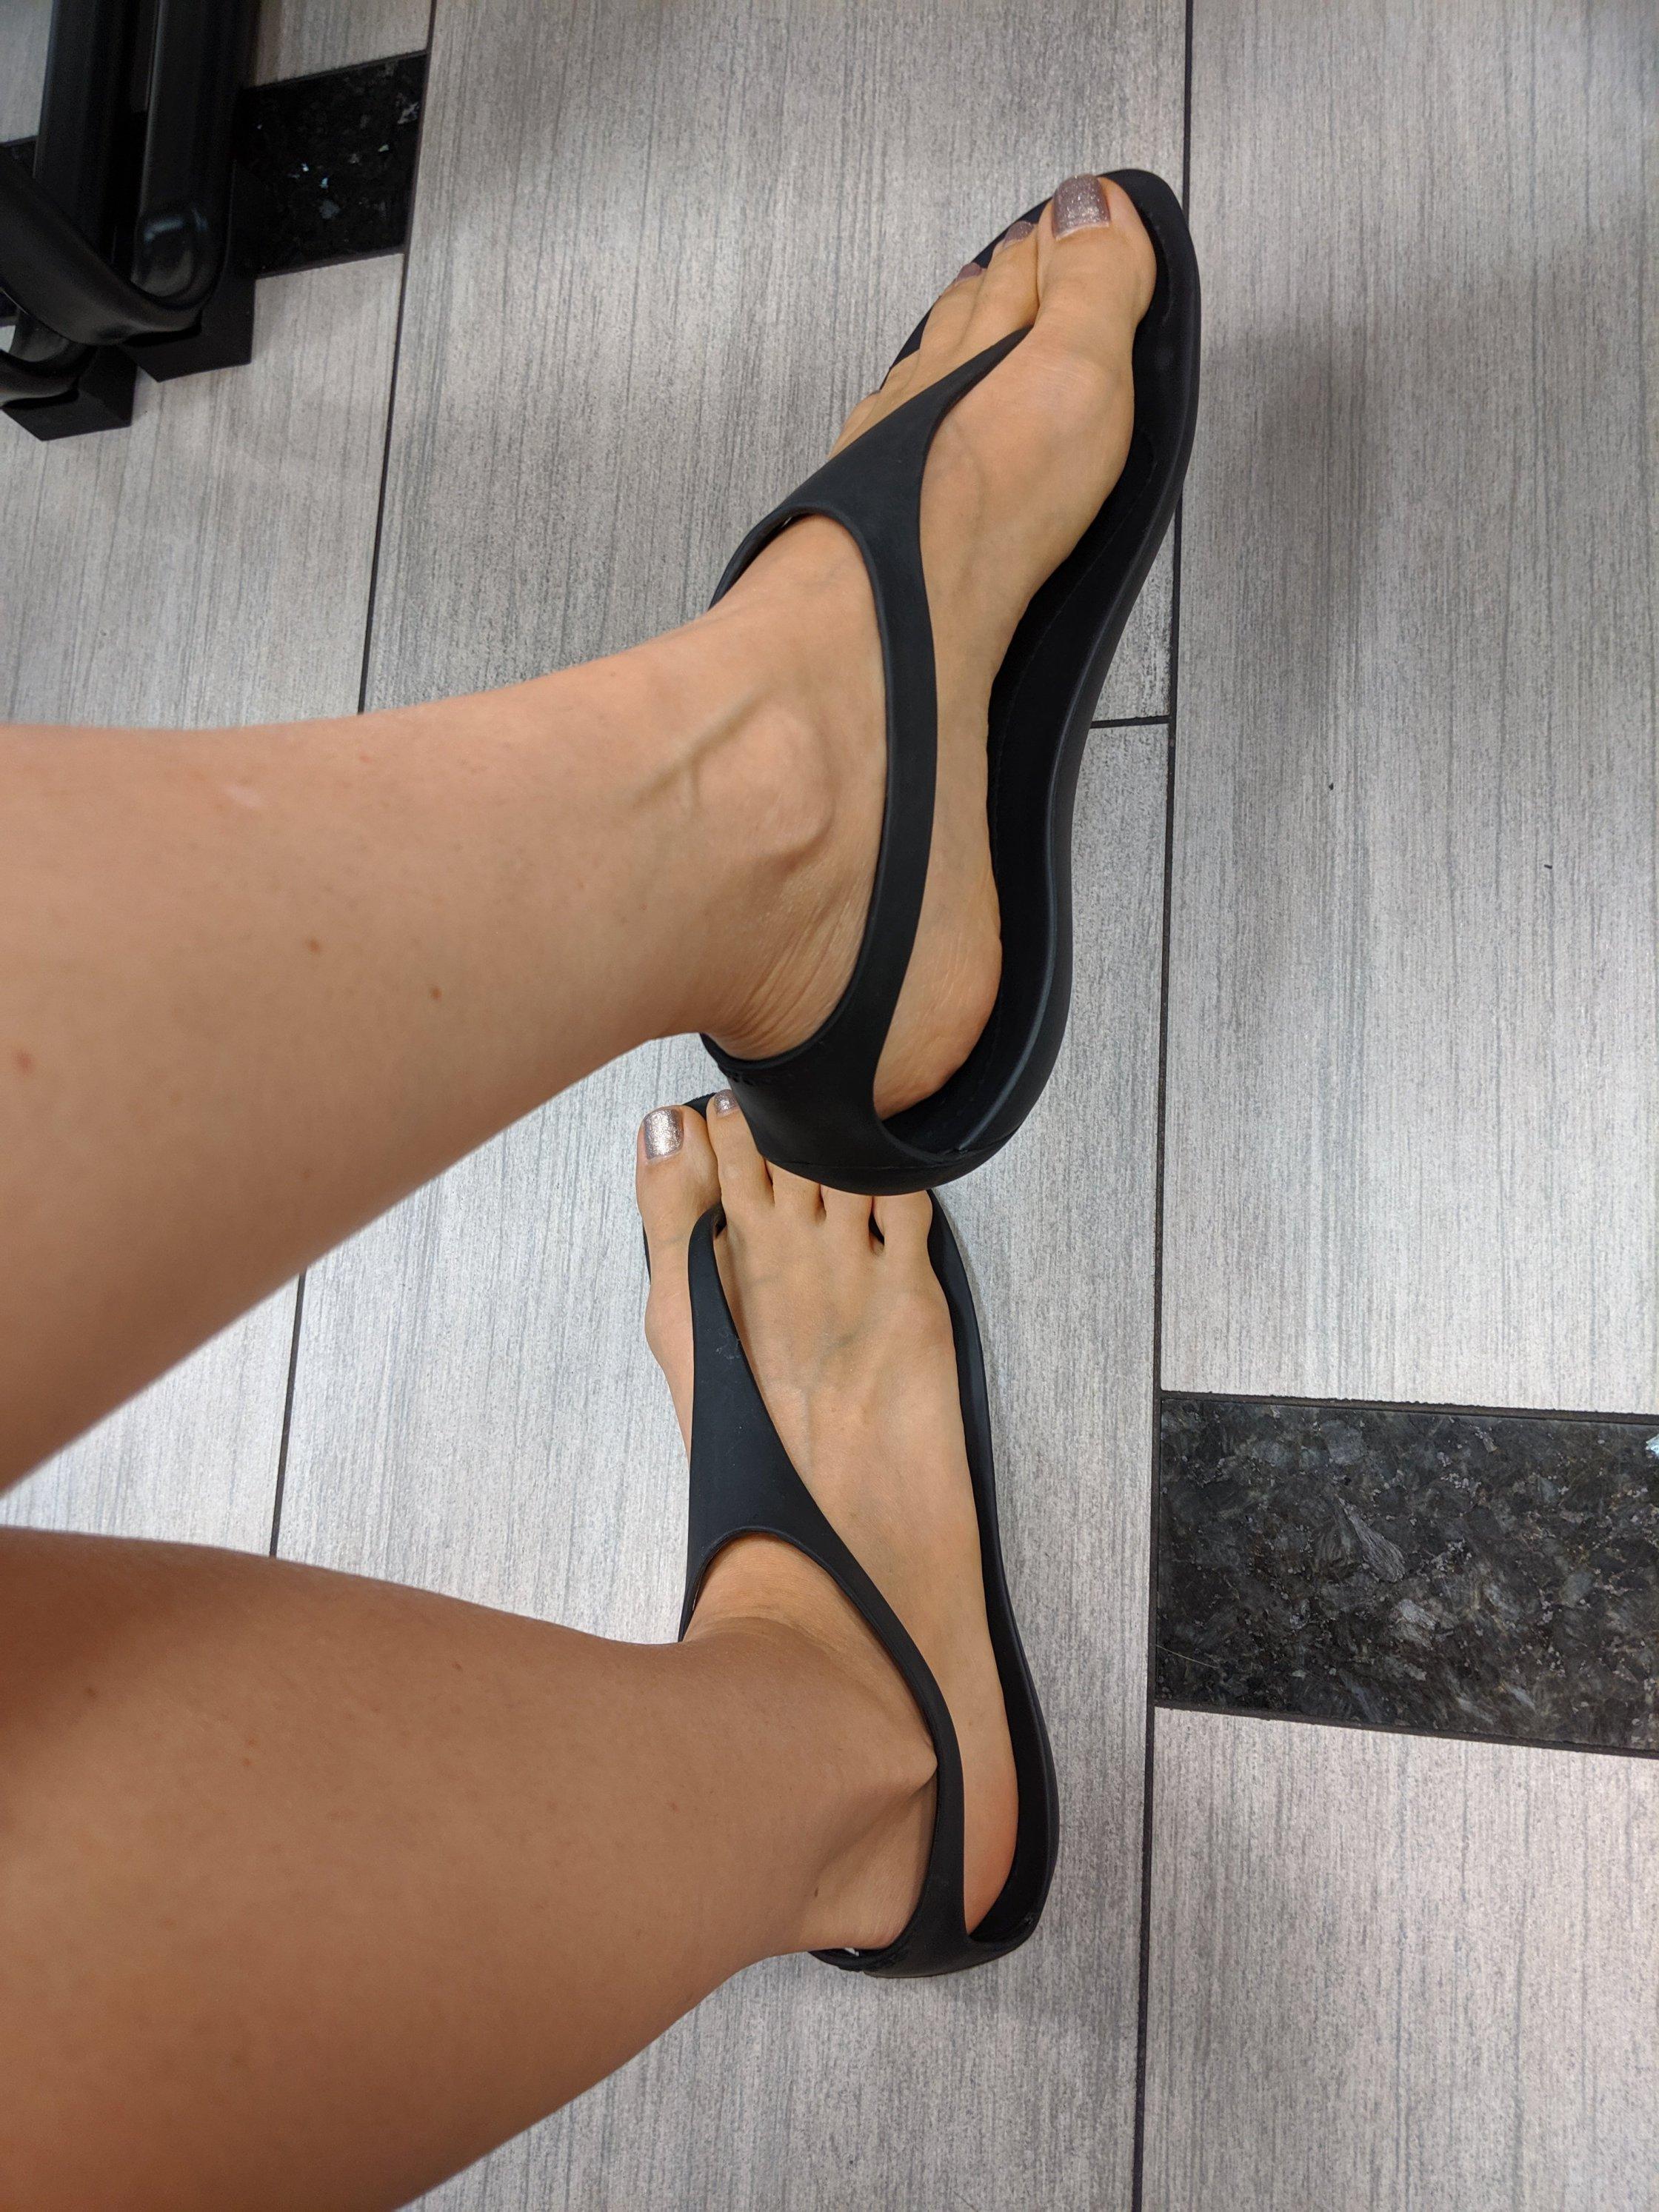 woman's feet in crocs